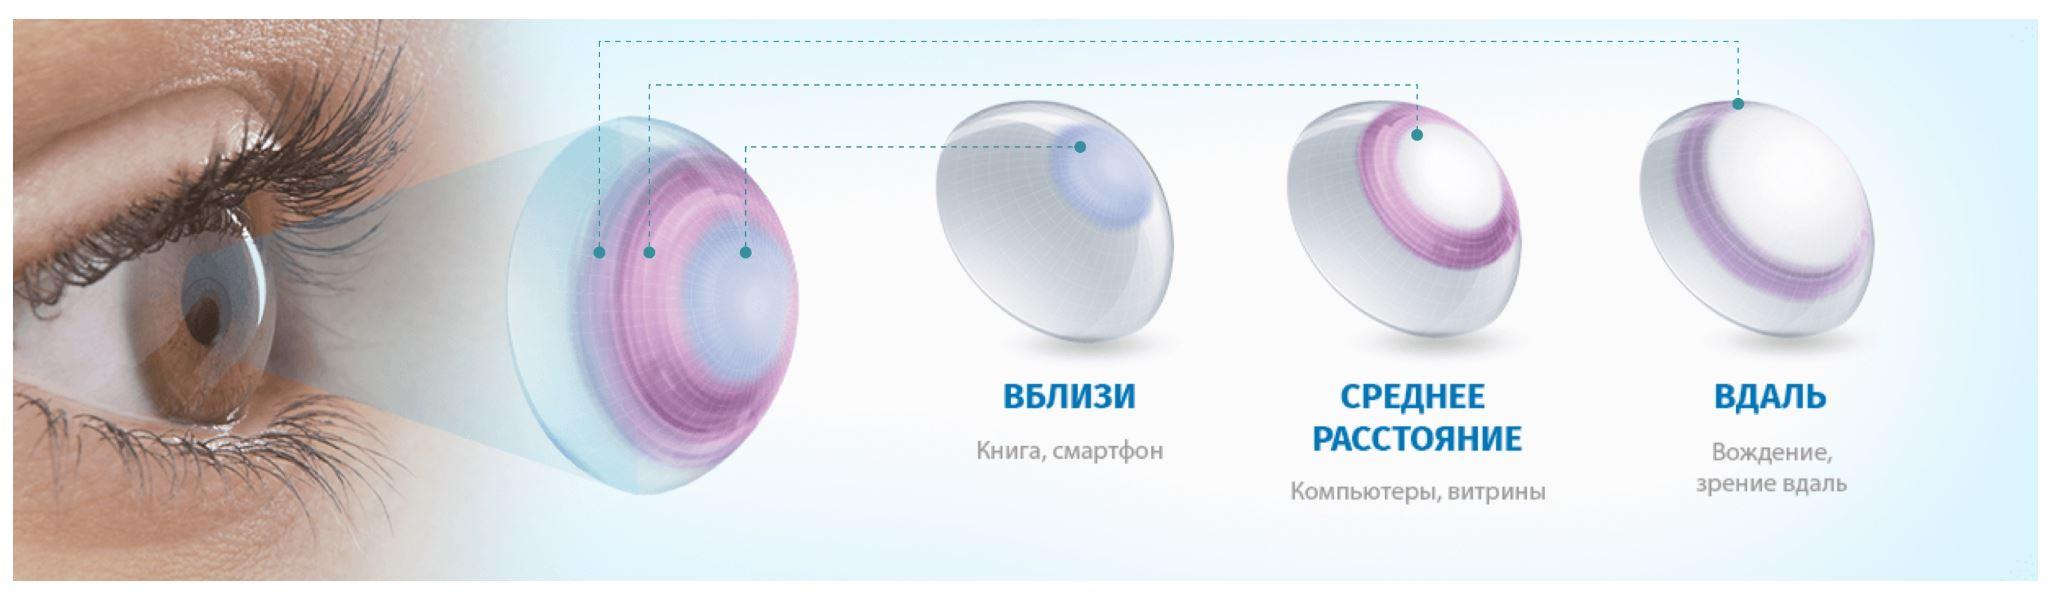 Купить Одноденні мультифокальні контактні лінзи Dailies AquaComfort Plus Multifocal Alcon ᐉ Магазин лінз